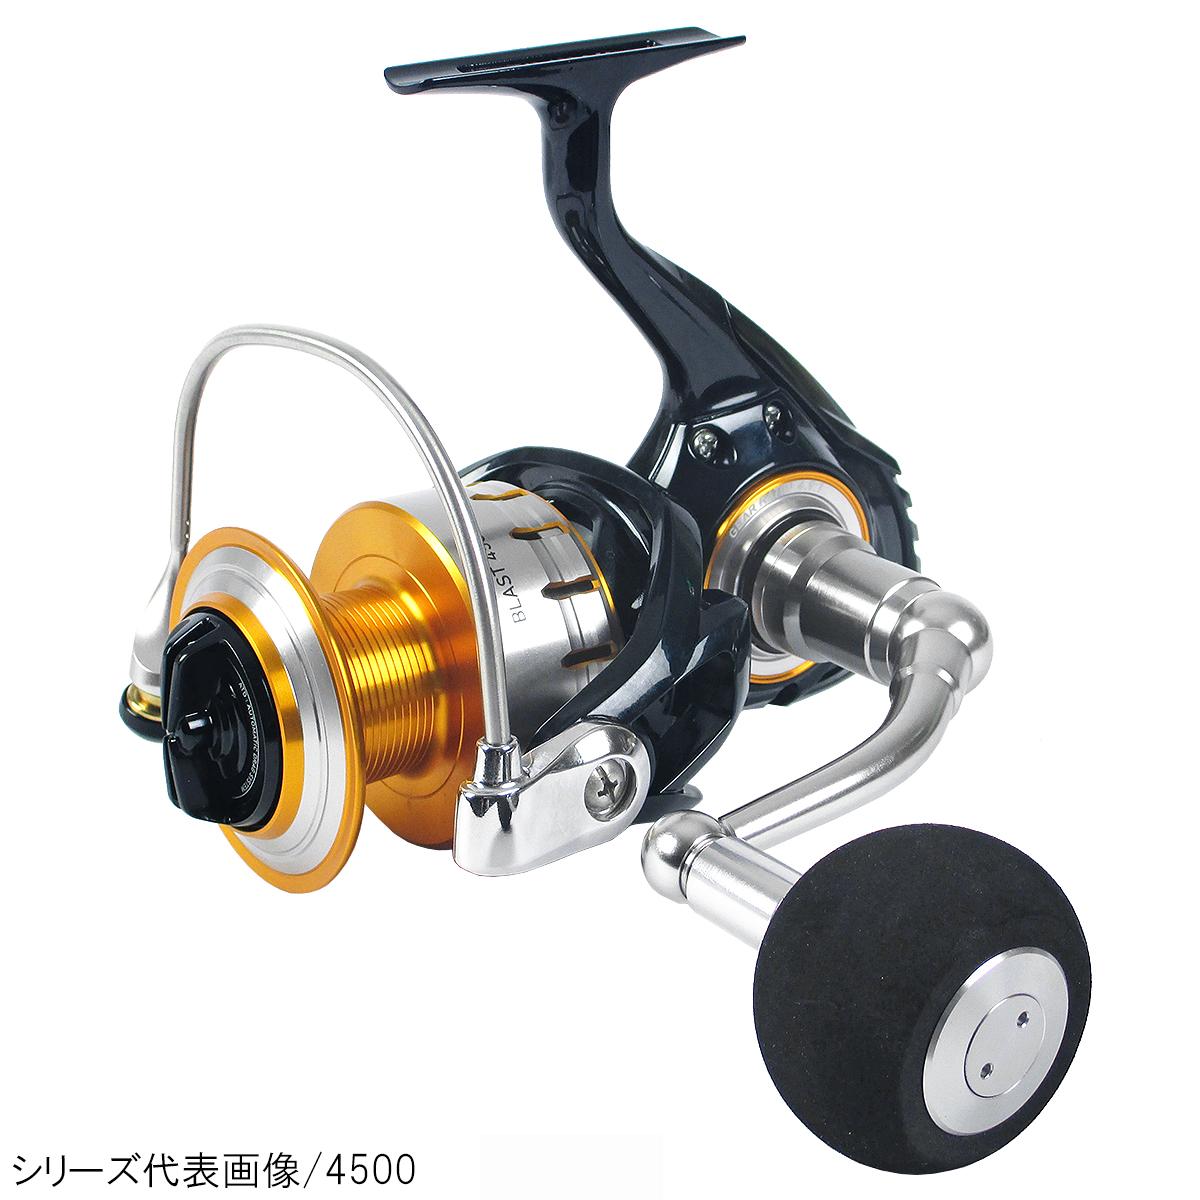 ダイワ ブラスト 4500H【送料無料】